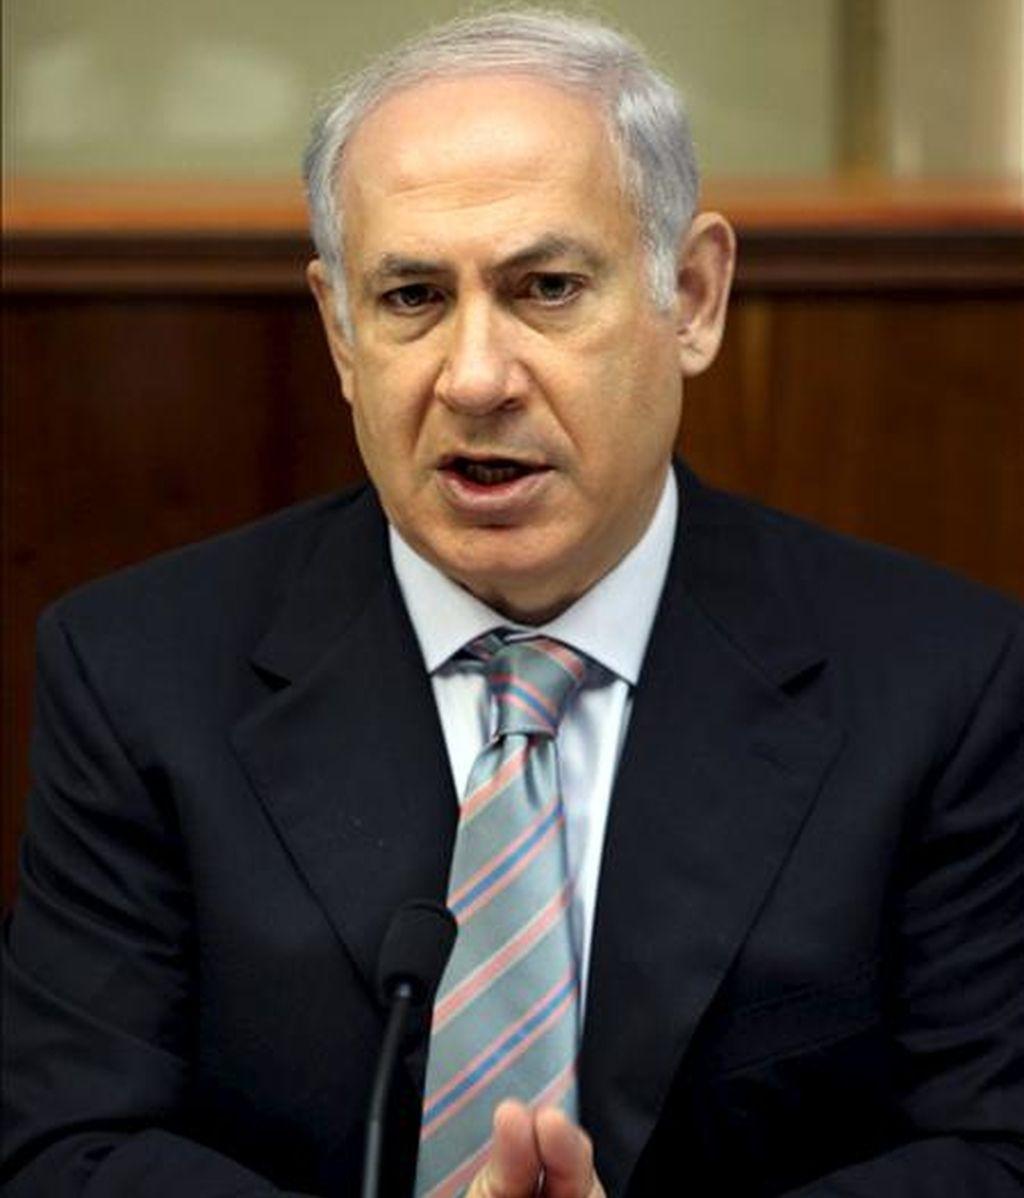 El primer ministro israelí, Benjamin Netanyahu, preside la reunión semanal del gabinete de Gobierno, hoy en Jerusalén (Israel). EFE